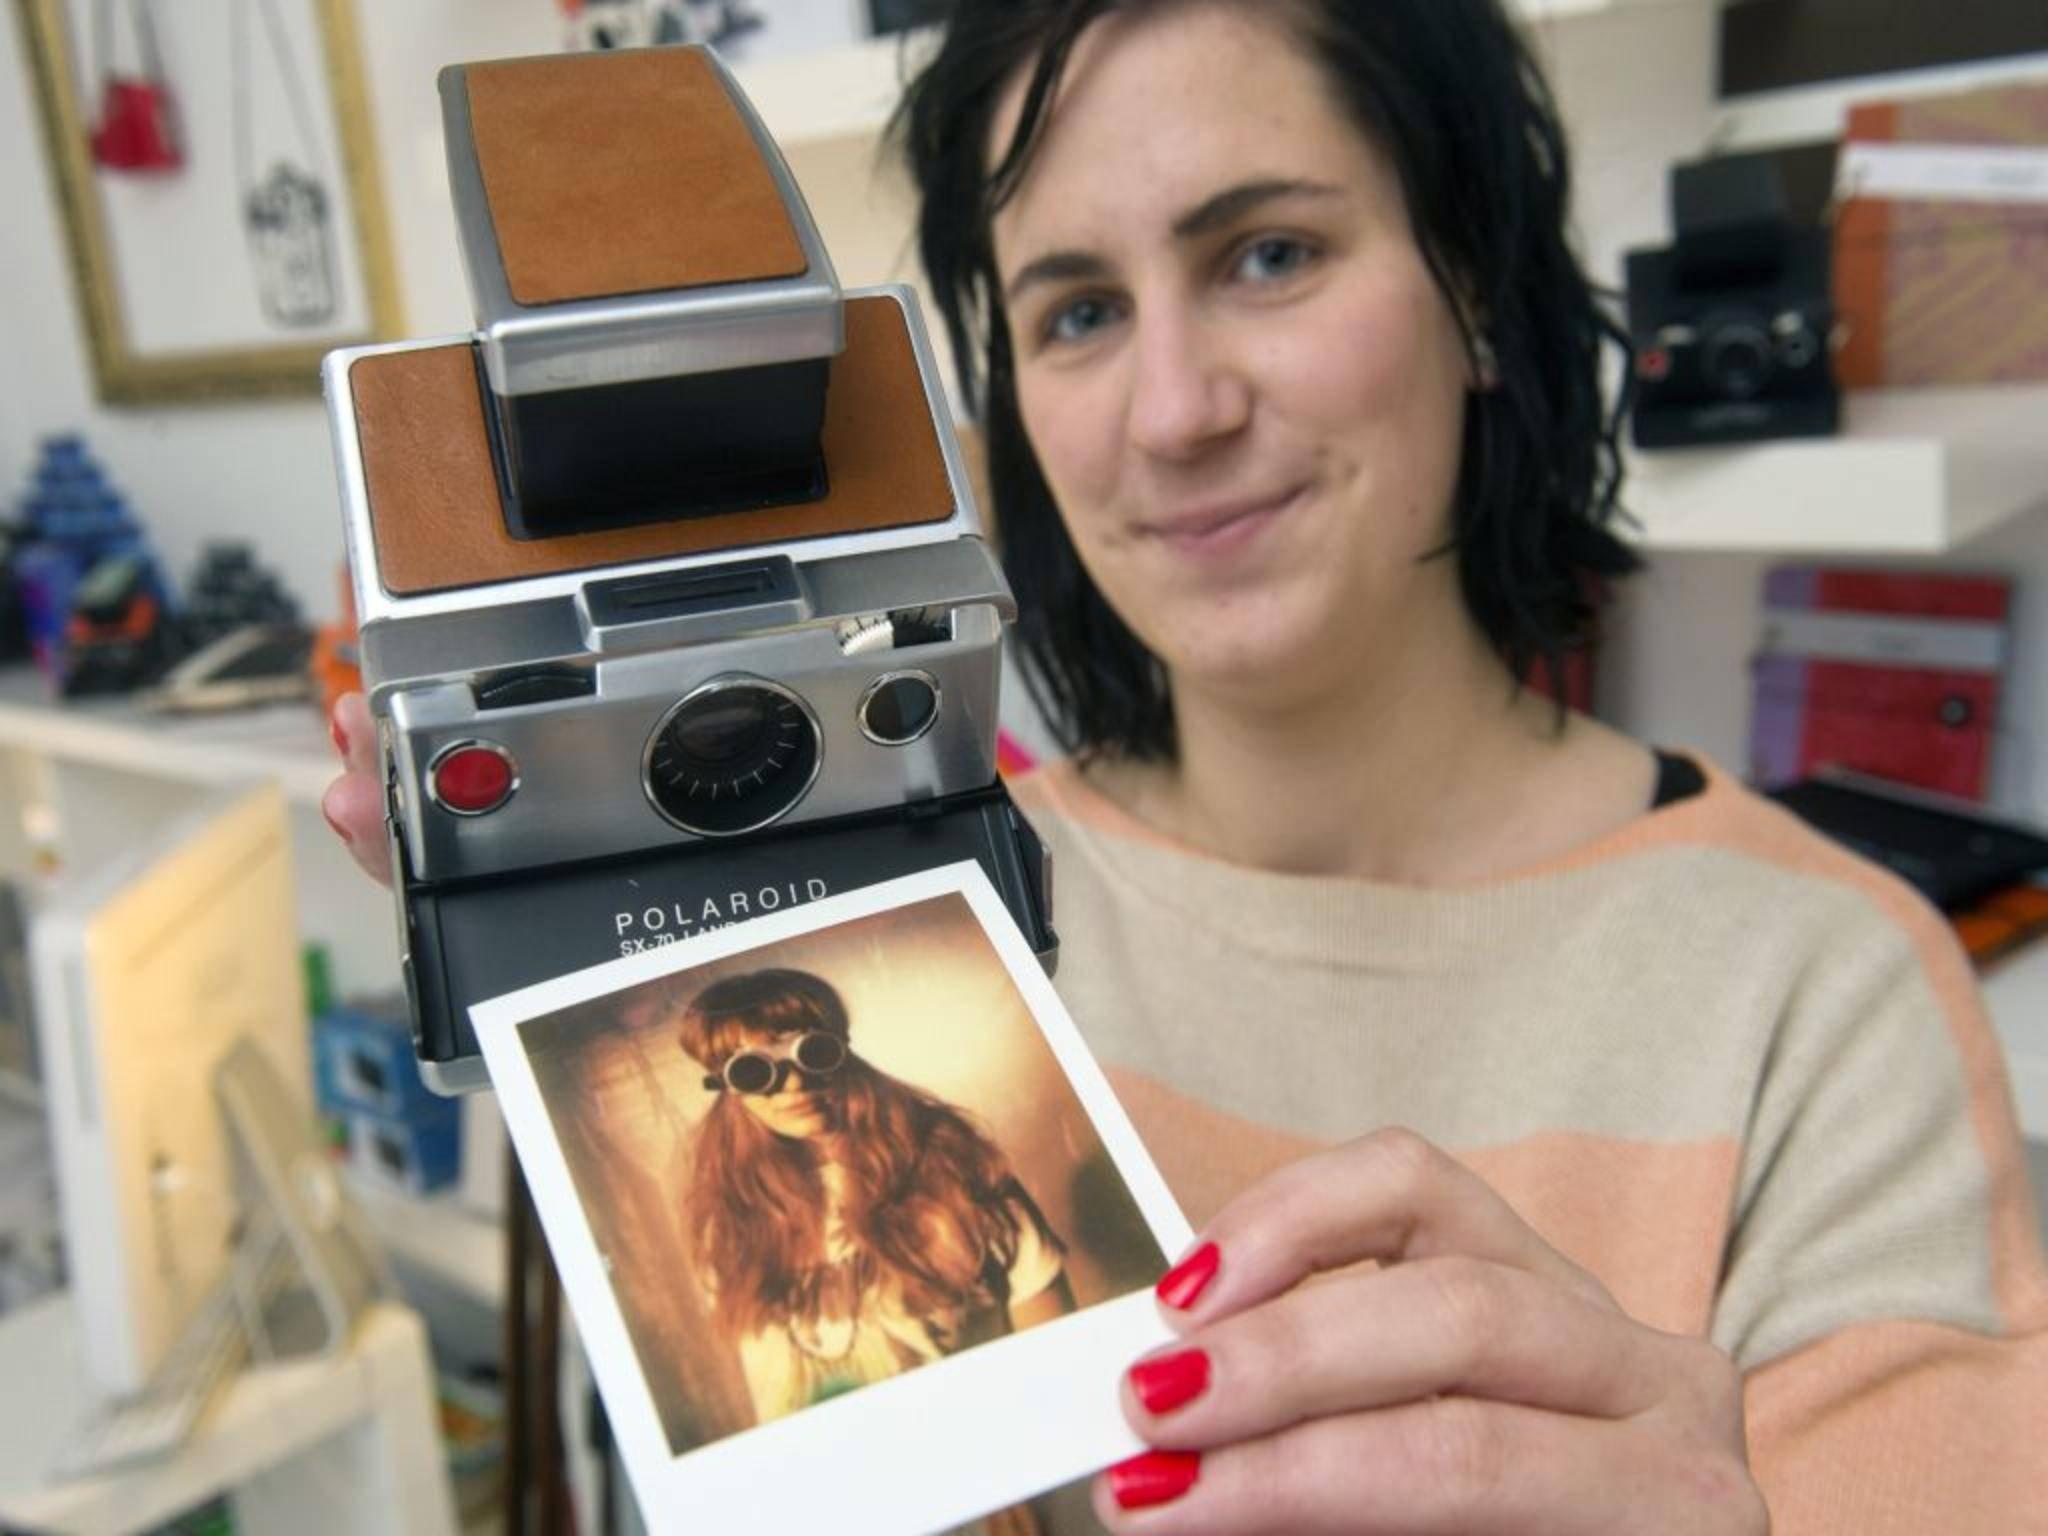 Hipster-Kram? Google denkt offenbar über eine eigene Polaroid-Kamera nach.